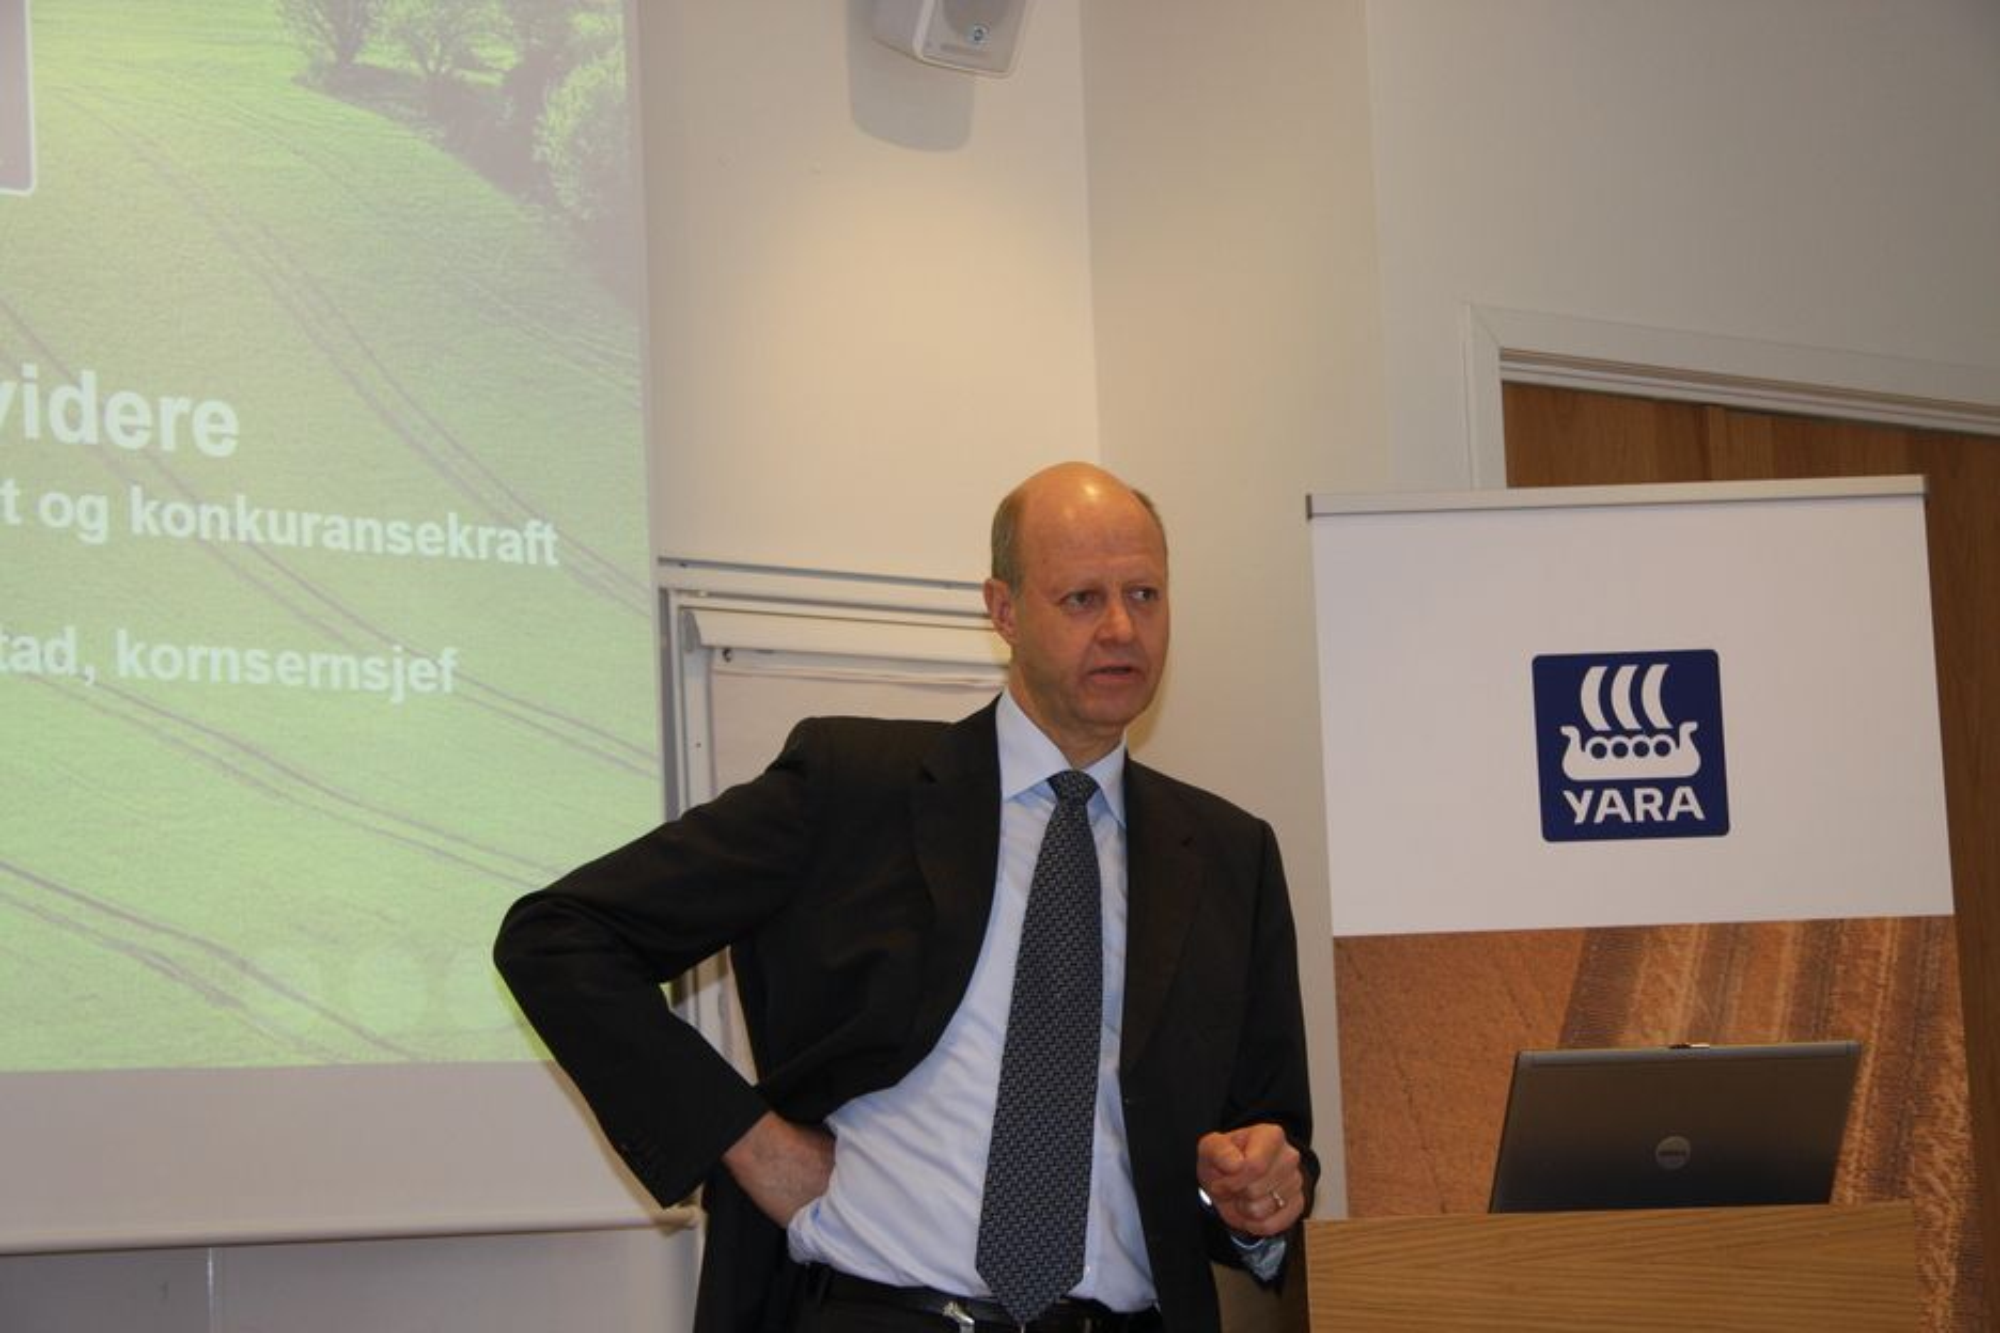 4 MILLIARDER: Konsernsjef Ole Jørgen Haslestad i Yara vil delta i en investering på 4 millliarder kroenr for en ny amminiumnitrattfabrikk i Australia.